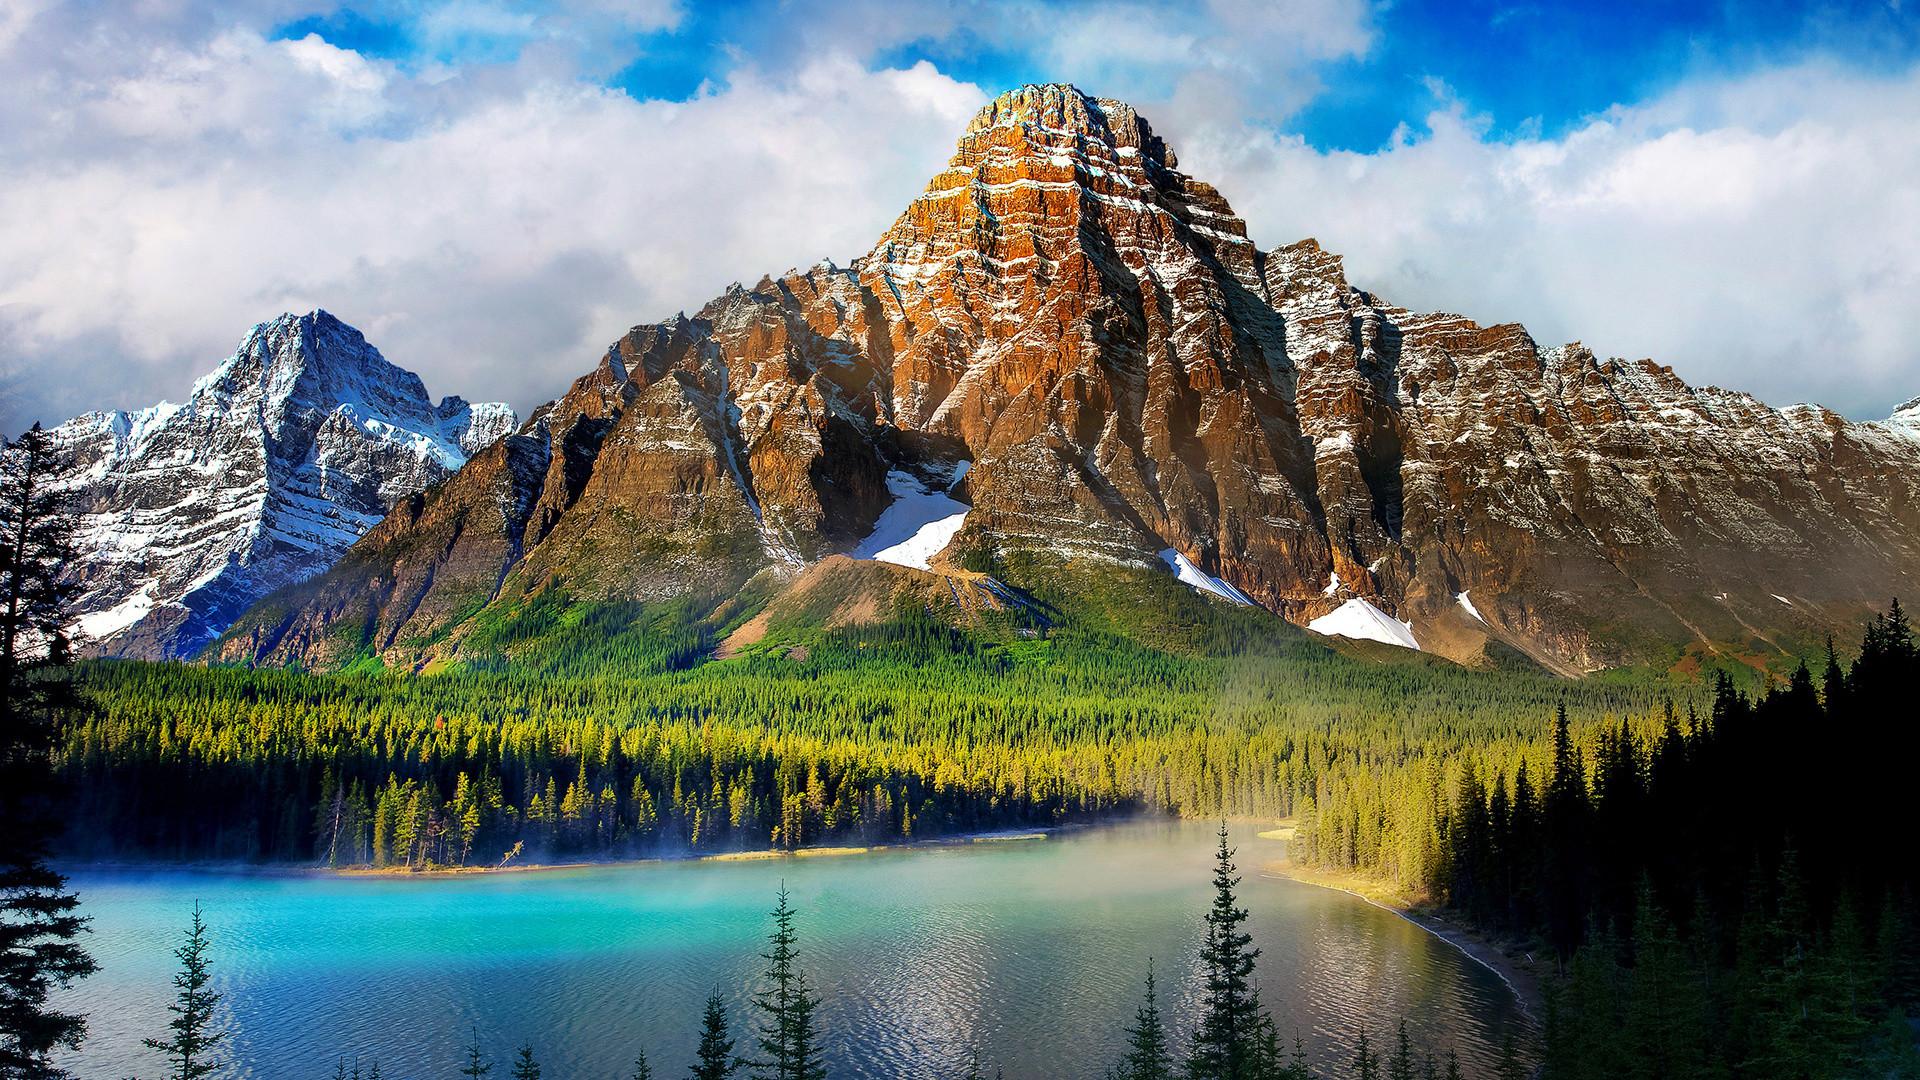 Beautiful Scenery, Mountains, Lake, Nature, Windows - Windows 10 Background Nature - HD Wallpaper